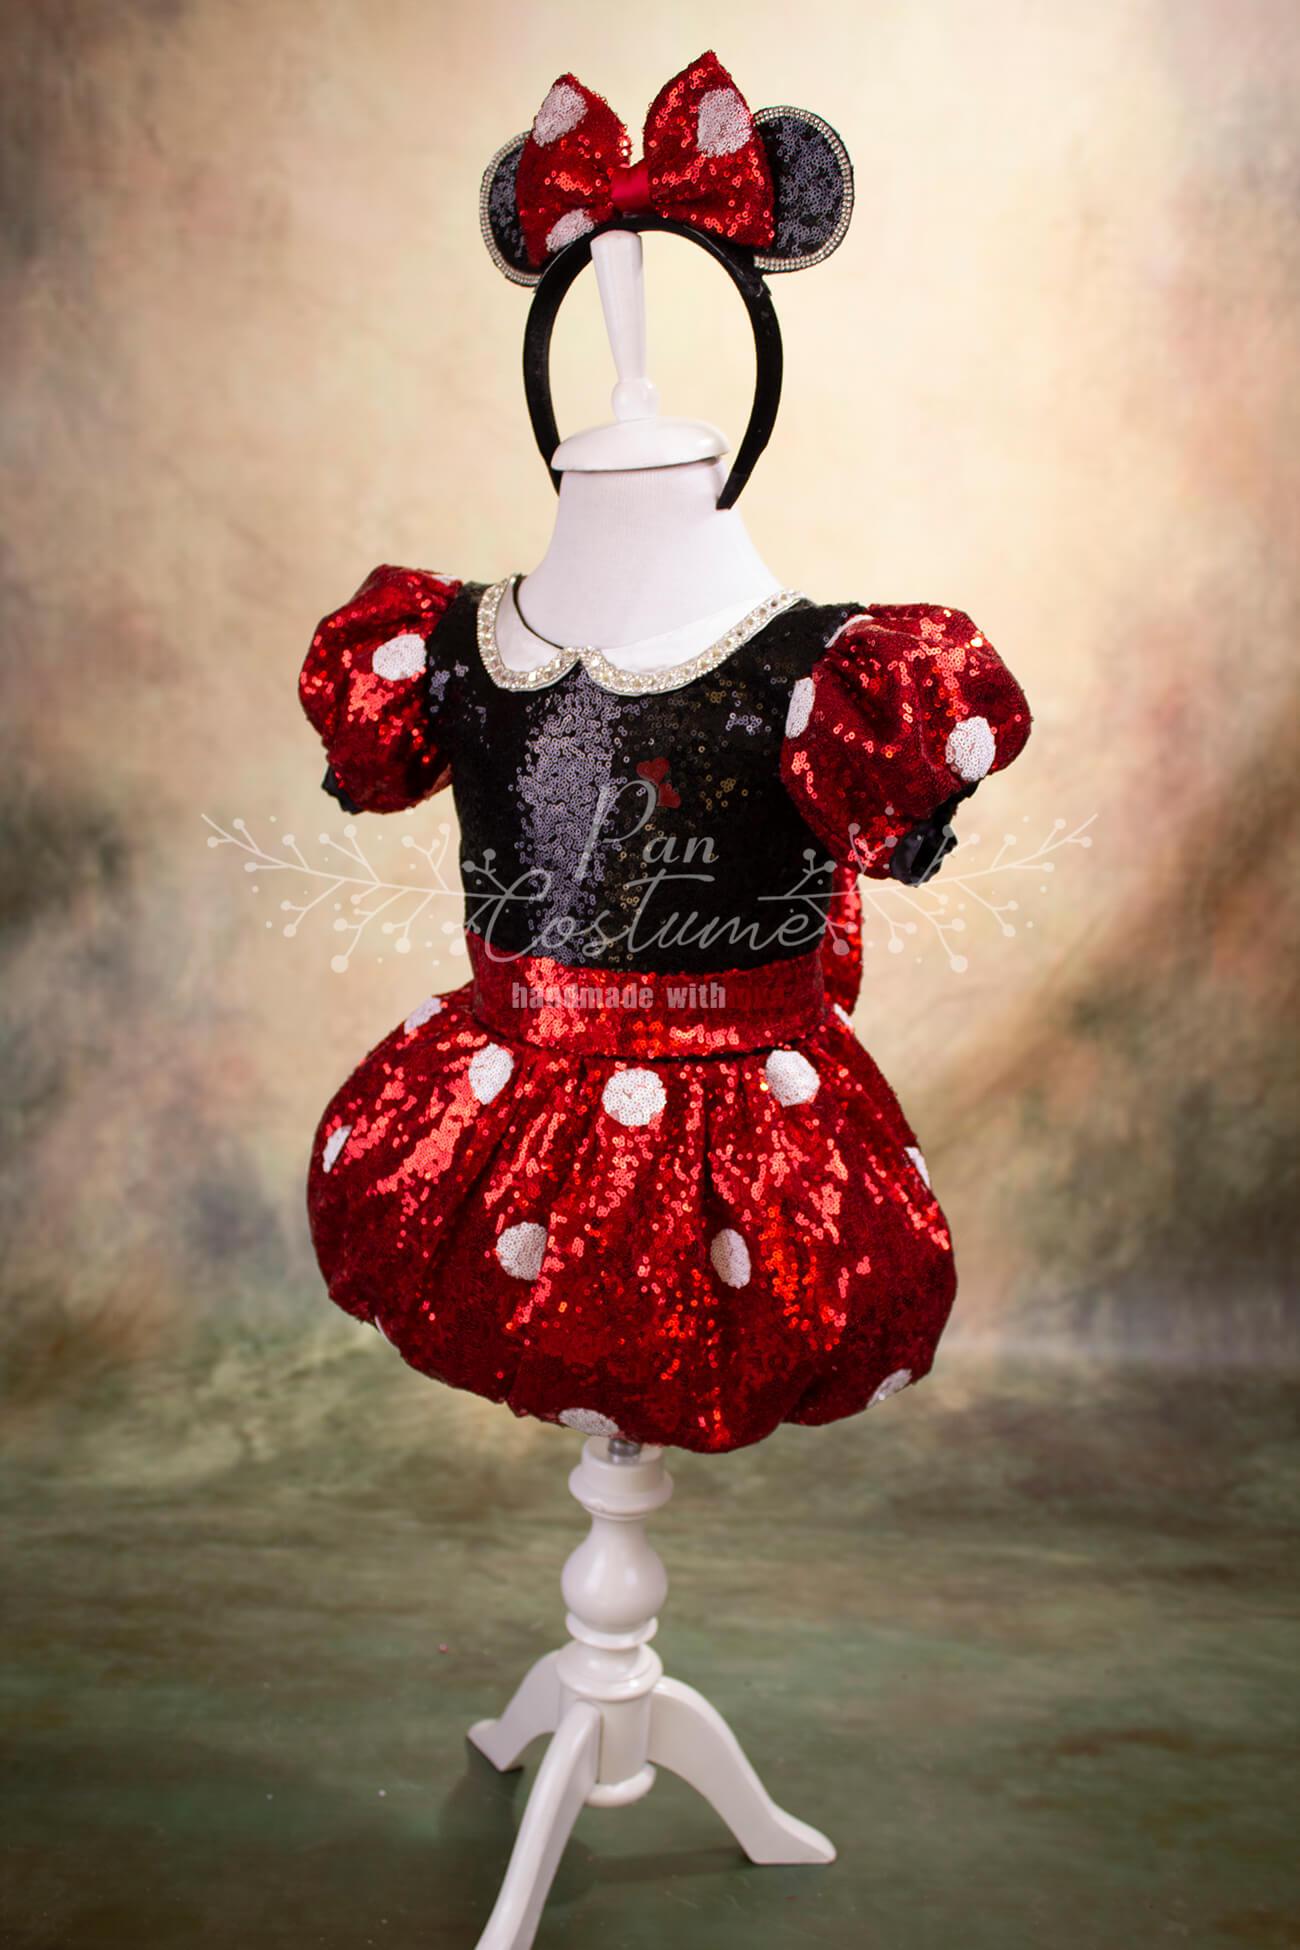 pan-costume-kokos-minnie-mouse-kiz-cocuk-5520